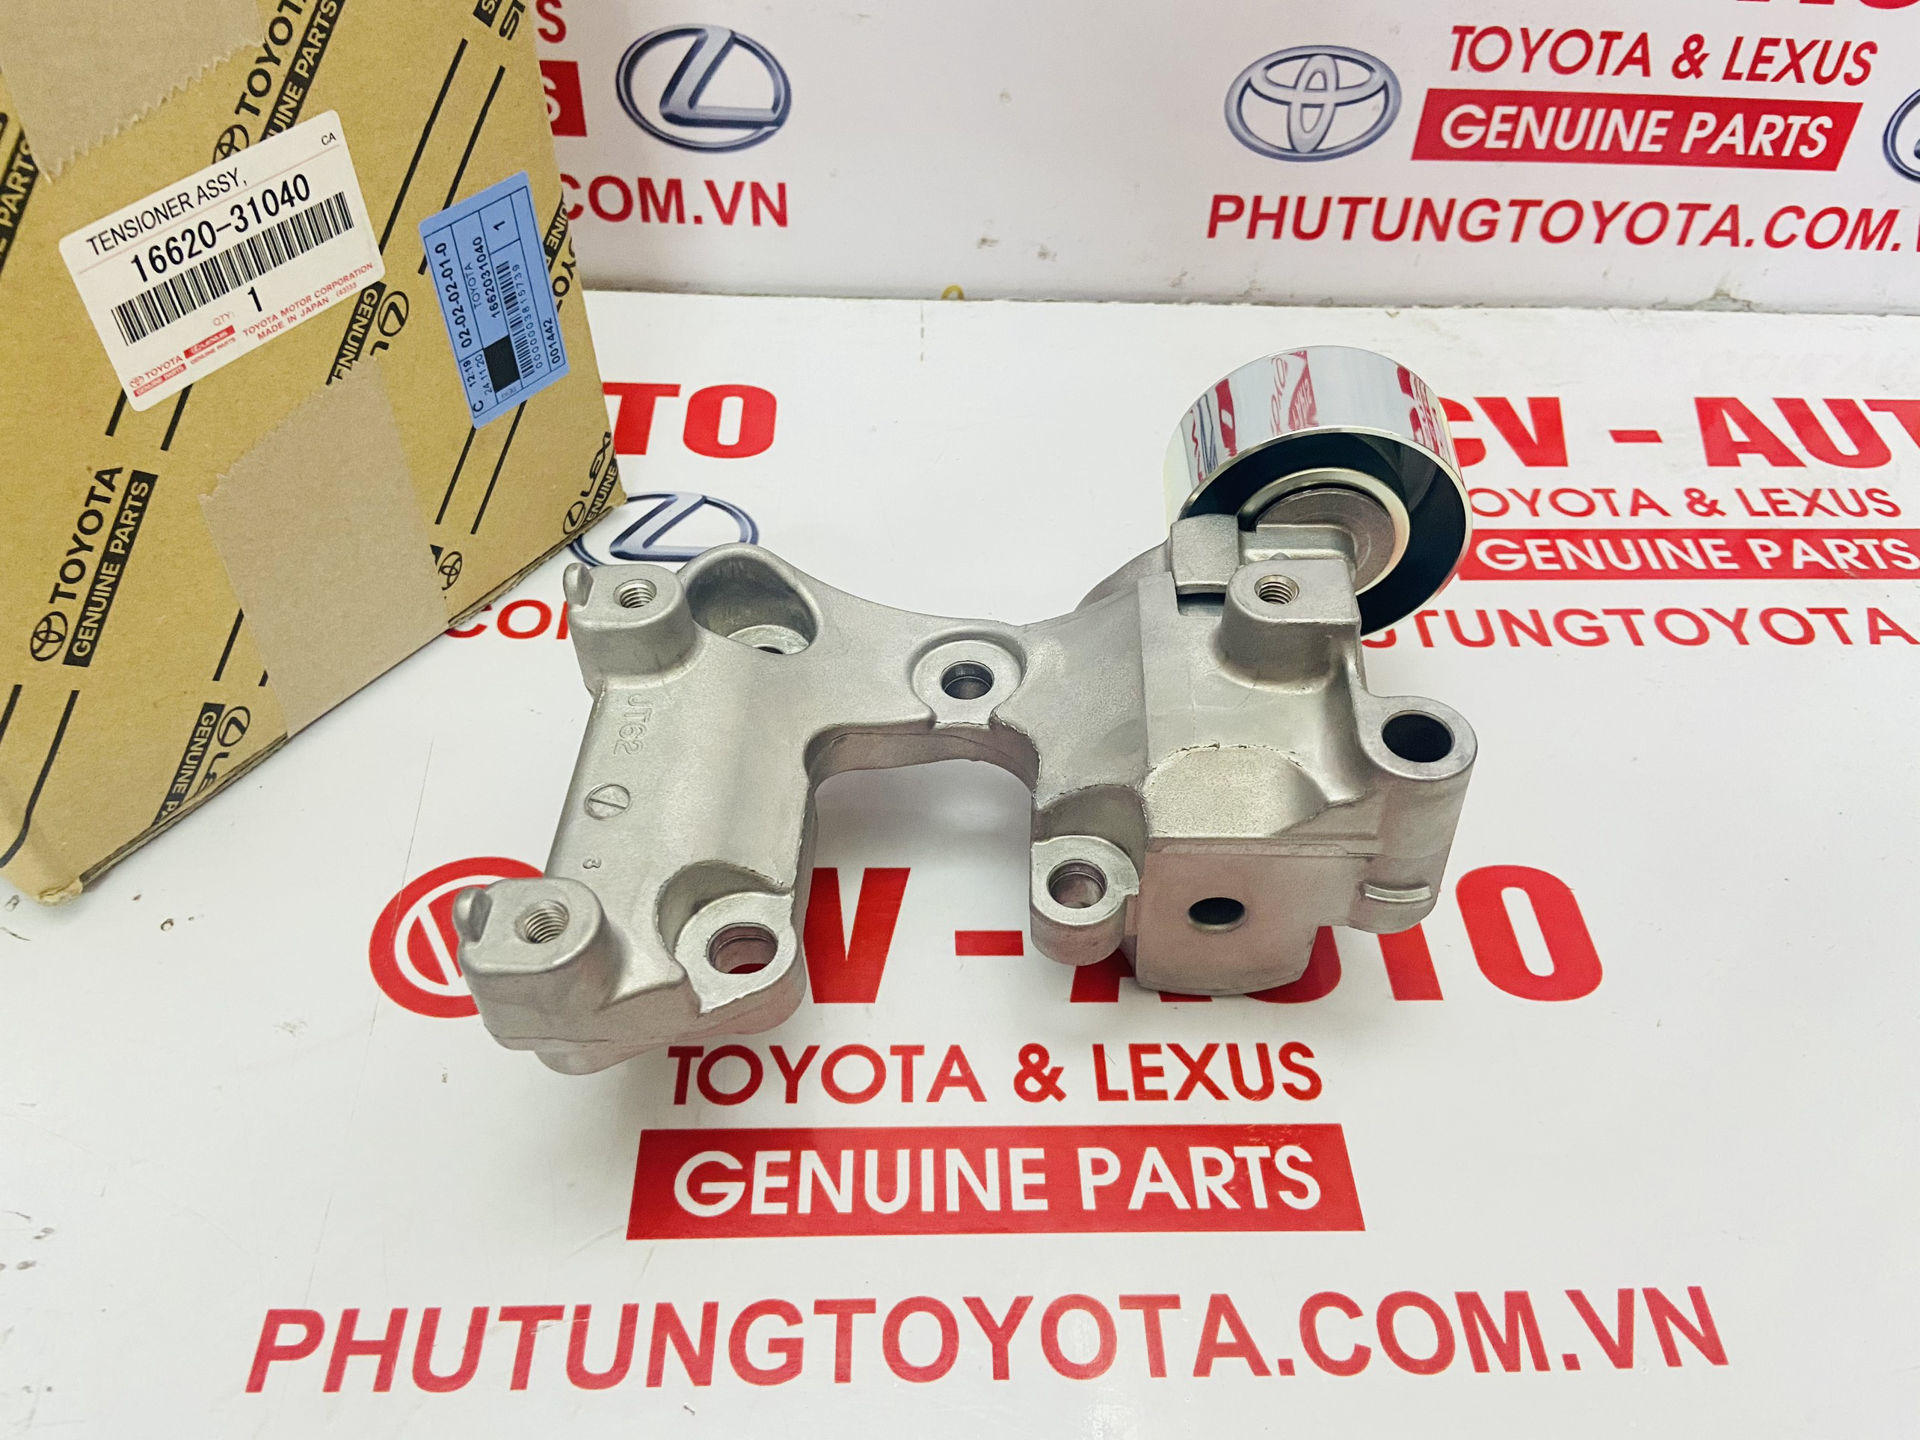 Picture of 16620-31040, 1662031040 Cụm tăng tổng Toyota Lexus 2GR chính hãng